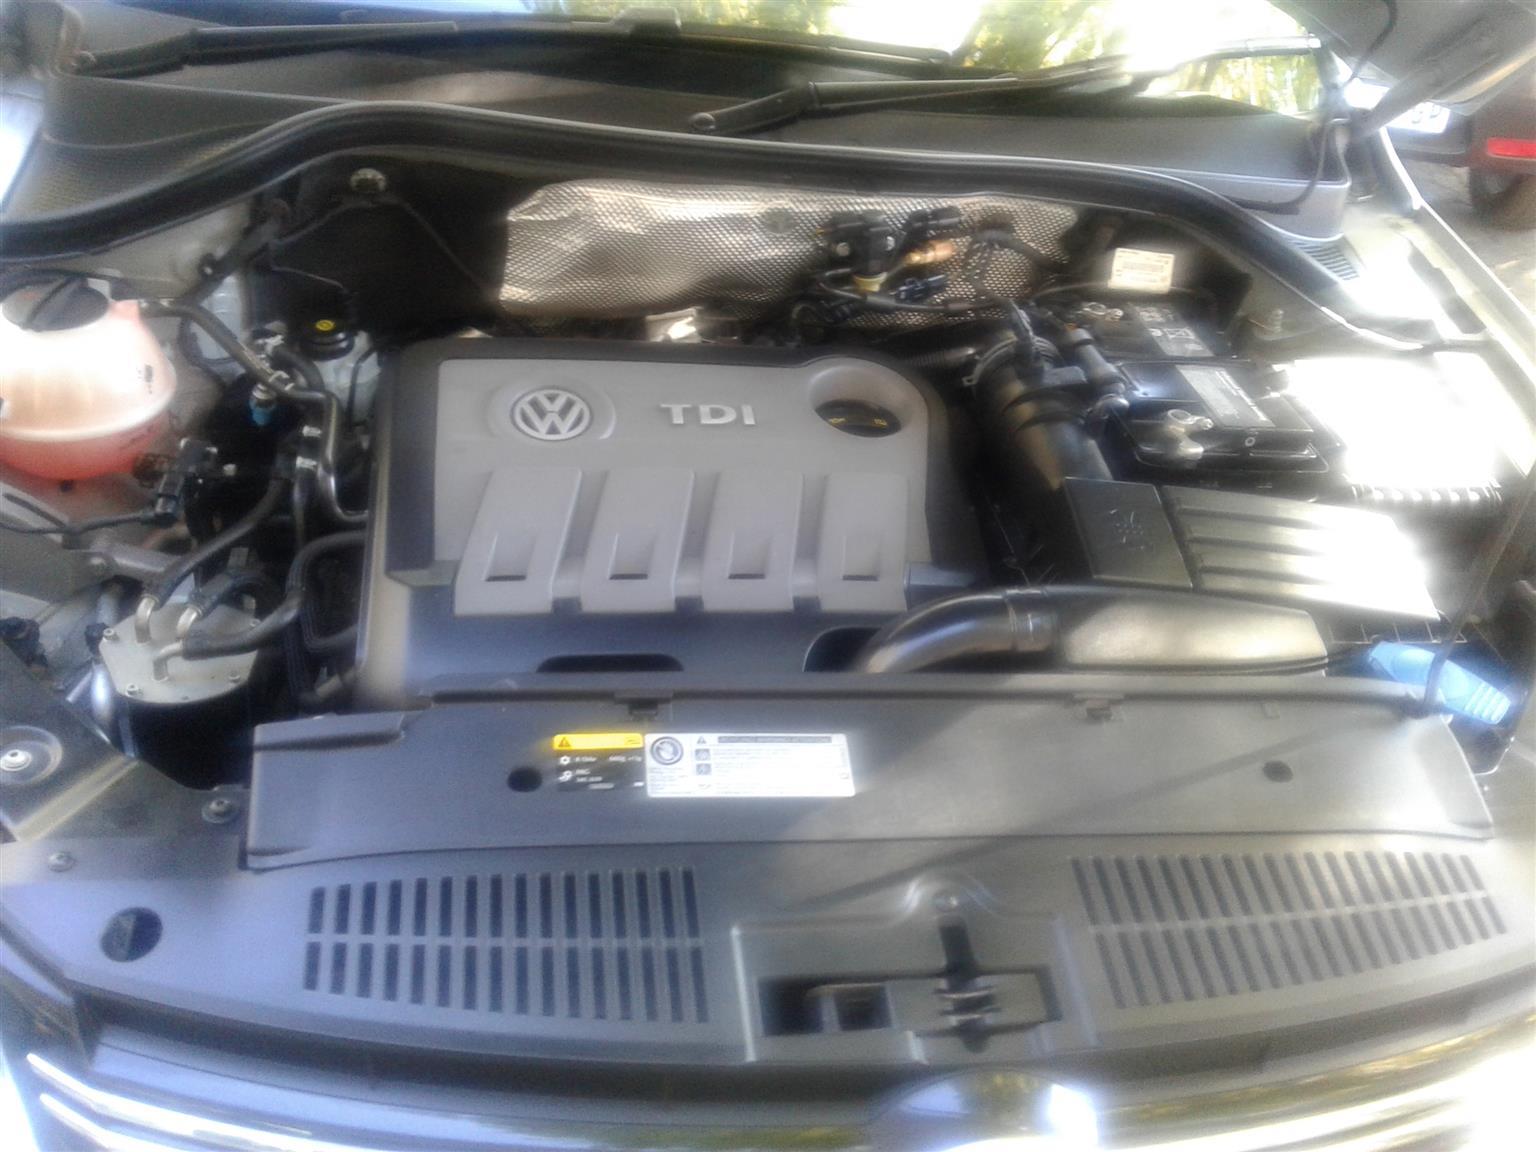 2015 VW Tiguan 2.0TDI 4Motion Track&Field